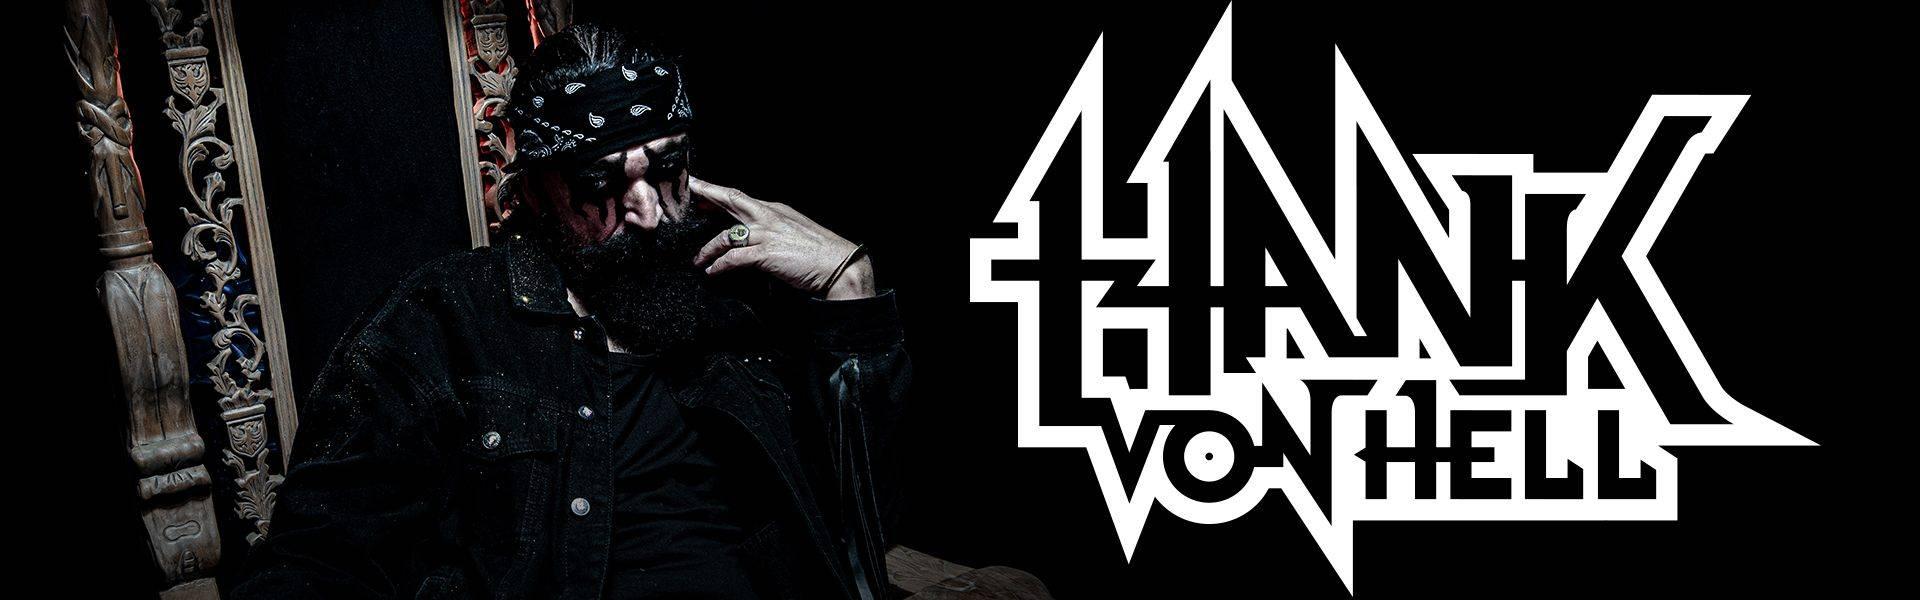 Hank von hell concerto evento italia al Legend Club Milano giugno 2021 biglietti mailticket | Notizie